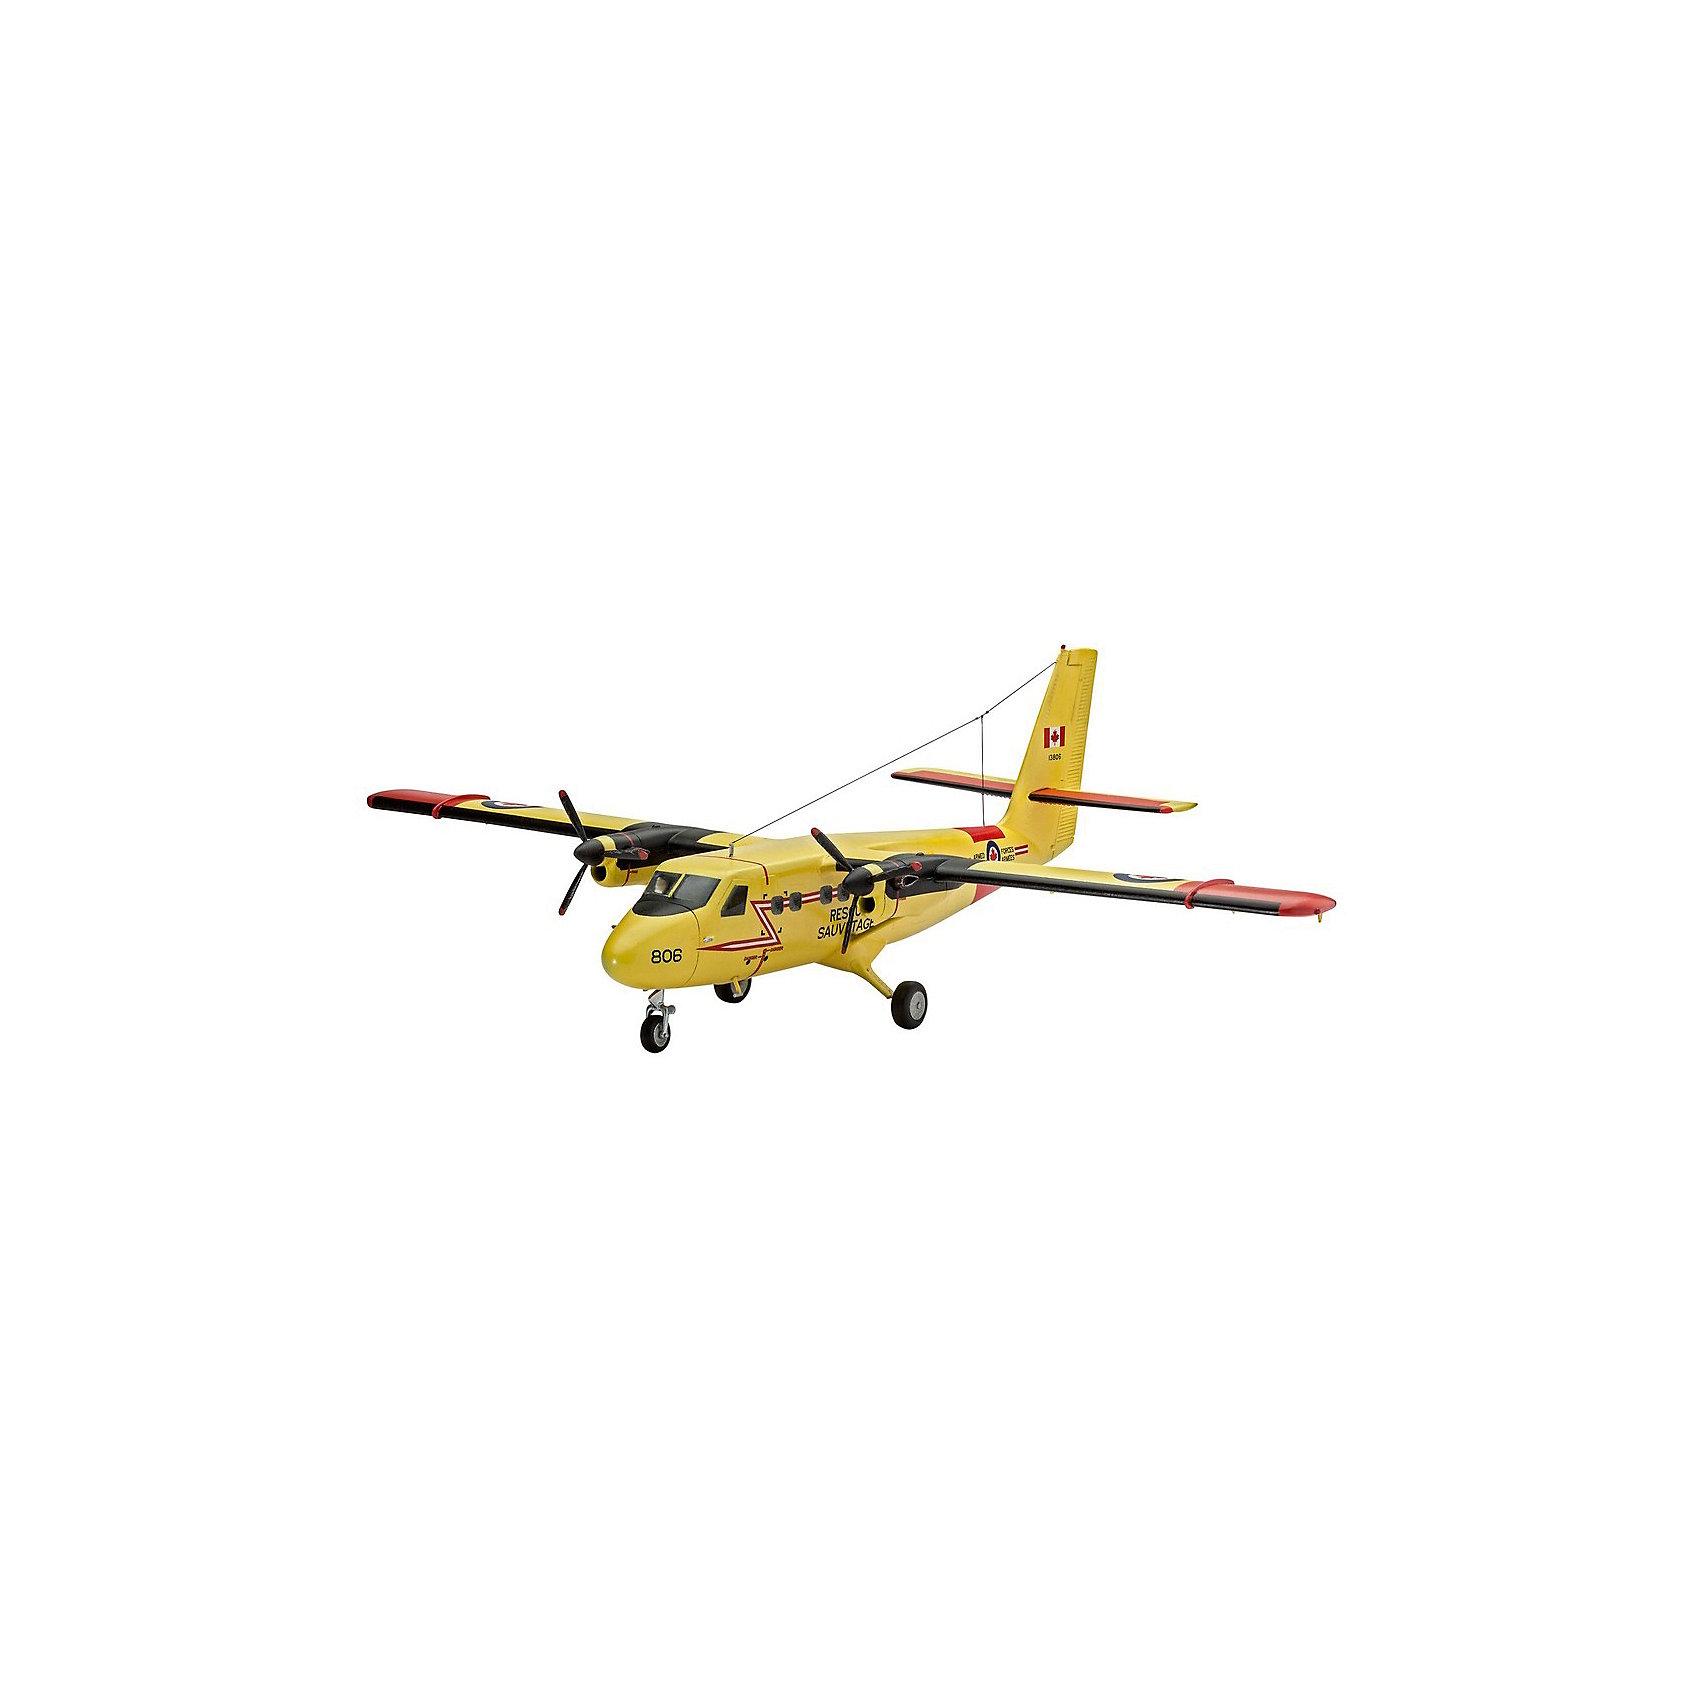 Самолет DH C-6 Твин ОттерМодели для склеивания<br>Моделирование – увлечение, которое со временем немного потеряло свою популярность. Современные дети имеют слабое представление об этом замечательном, увлекательном хобби. Вернуть традицию и развить у своего ребенка интерес к полезному занятию, отвлечь от онлайн-пространства помогут сборные модели от Revell. Для начала лучше выбрать модели попроще, например, Самолет DHC-6 Twin Otter. К счастью, интерес к технике у мальчишек не пропадает никогда. Поэтому собрать собственную точную копию небольшого пассажирского самолета в масштабе 1:72 ребенку наверняка захочется. <br>В комплект не входят клей и краски.<br><br>Ширина мм: 9999<br>Глубина мм: 9999<br>Высота мм: 9999<br>Вес г: 9999<br>Возраст от месяцев: 120<br>Возраст до месяцев: 2147483647<br>Пол: Мужской<br>Возраст: Детский<br>SKU: 7122343